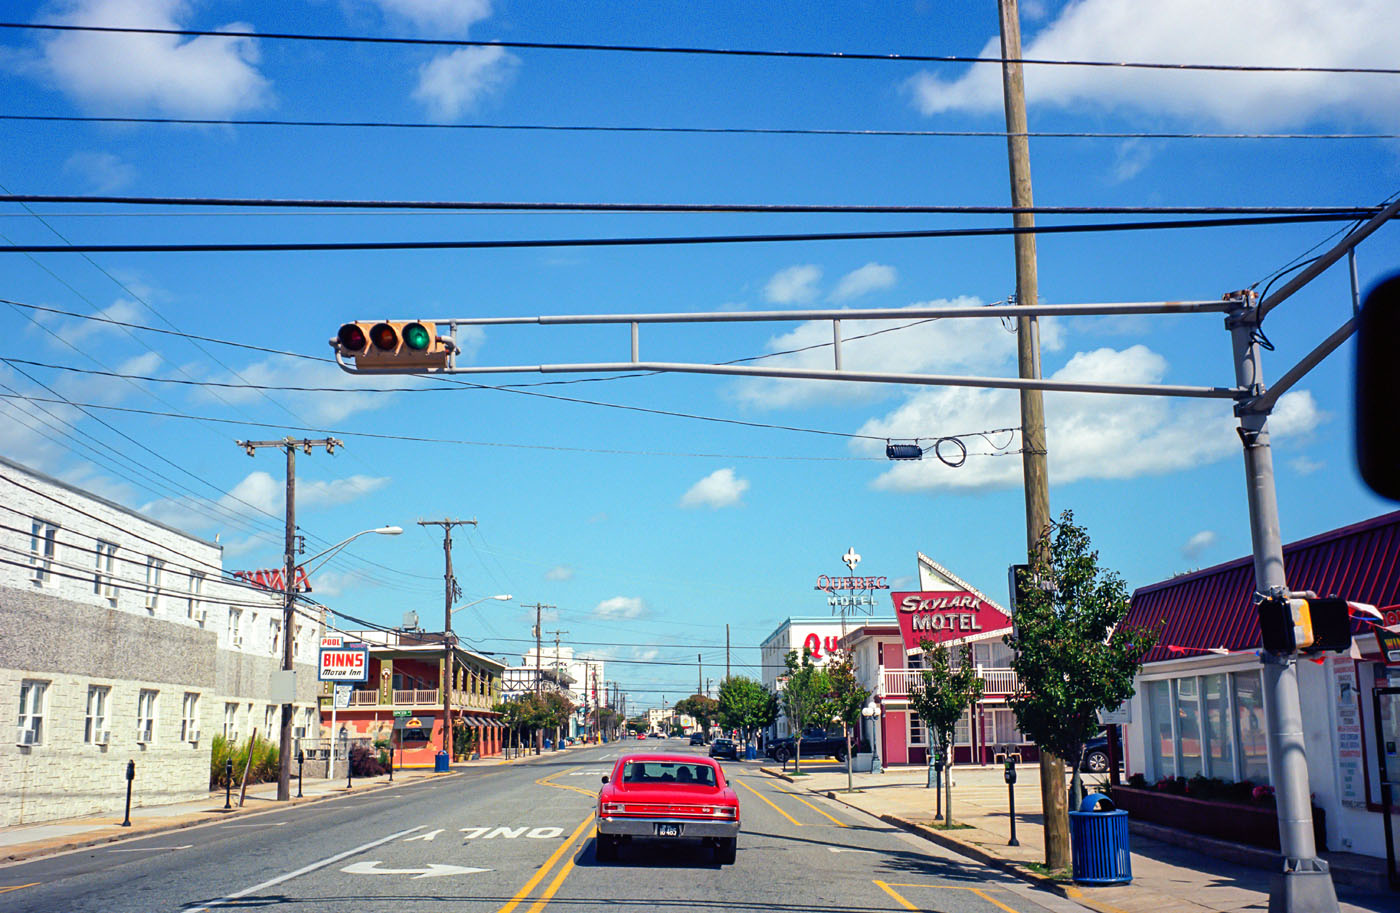 66 Chevelle, Wildwood, NJ